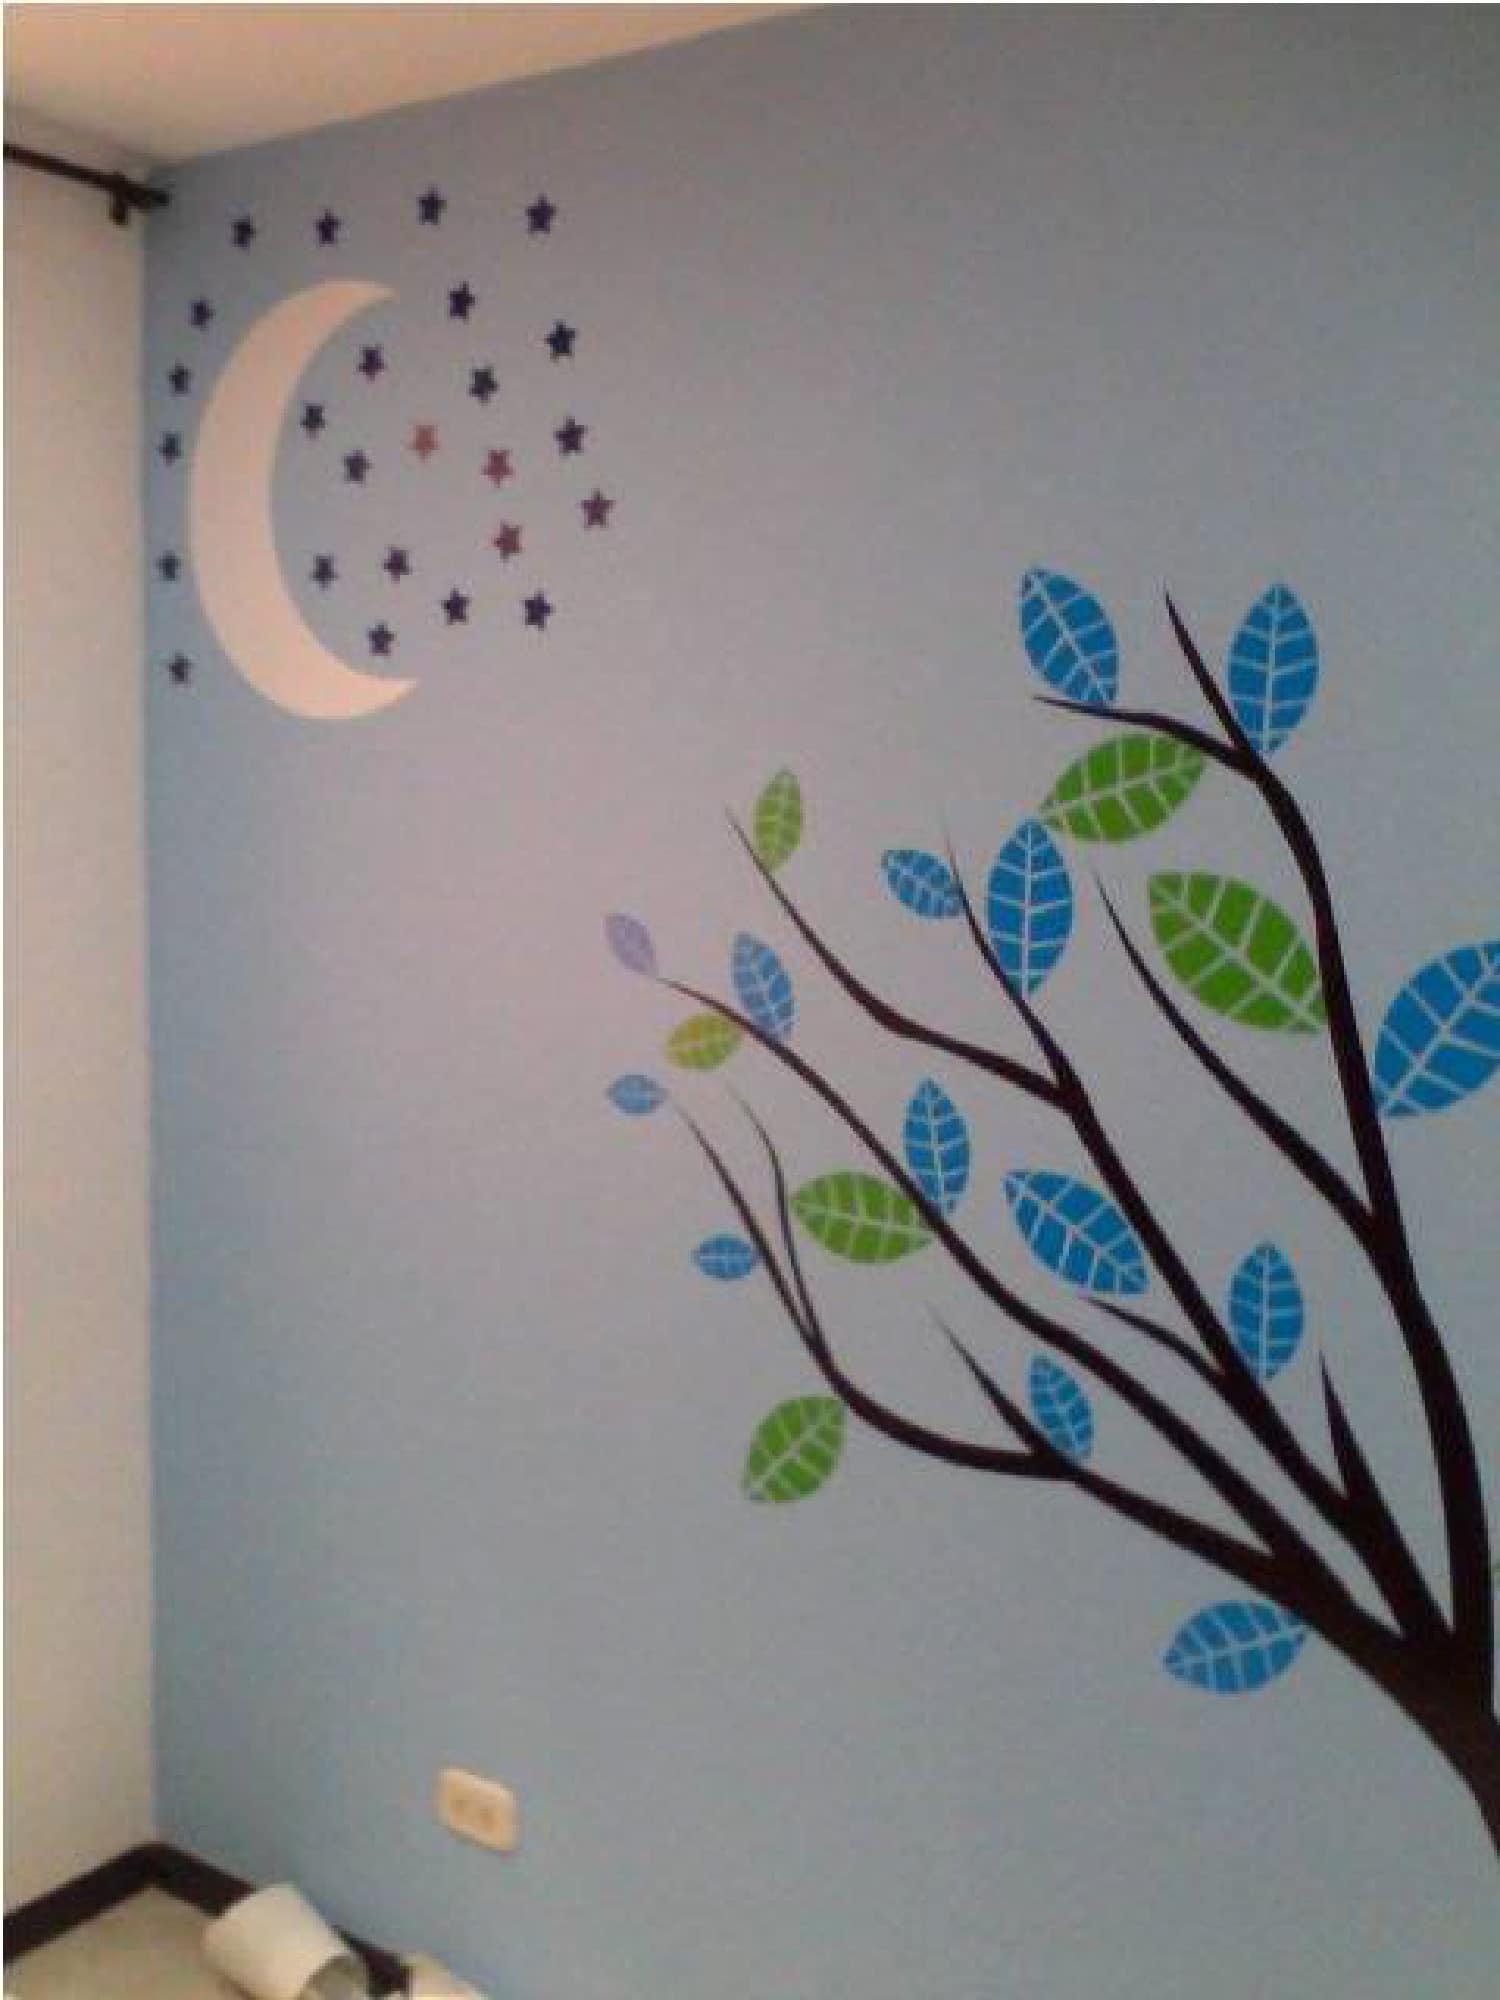 Vinilo para habitaci n infantil en medell n creando for Vinilo decorativo para habitacion